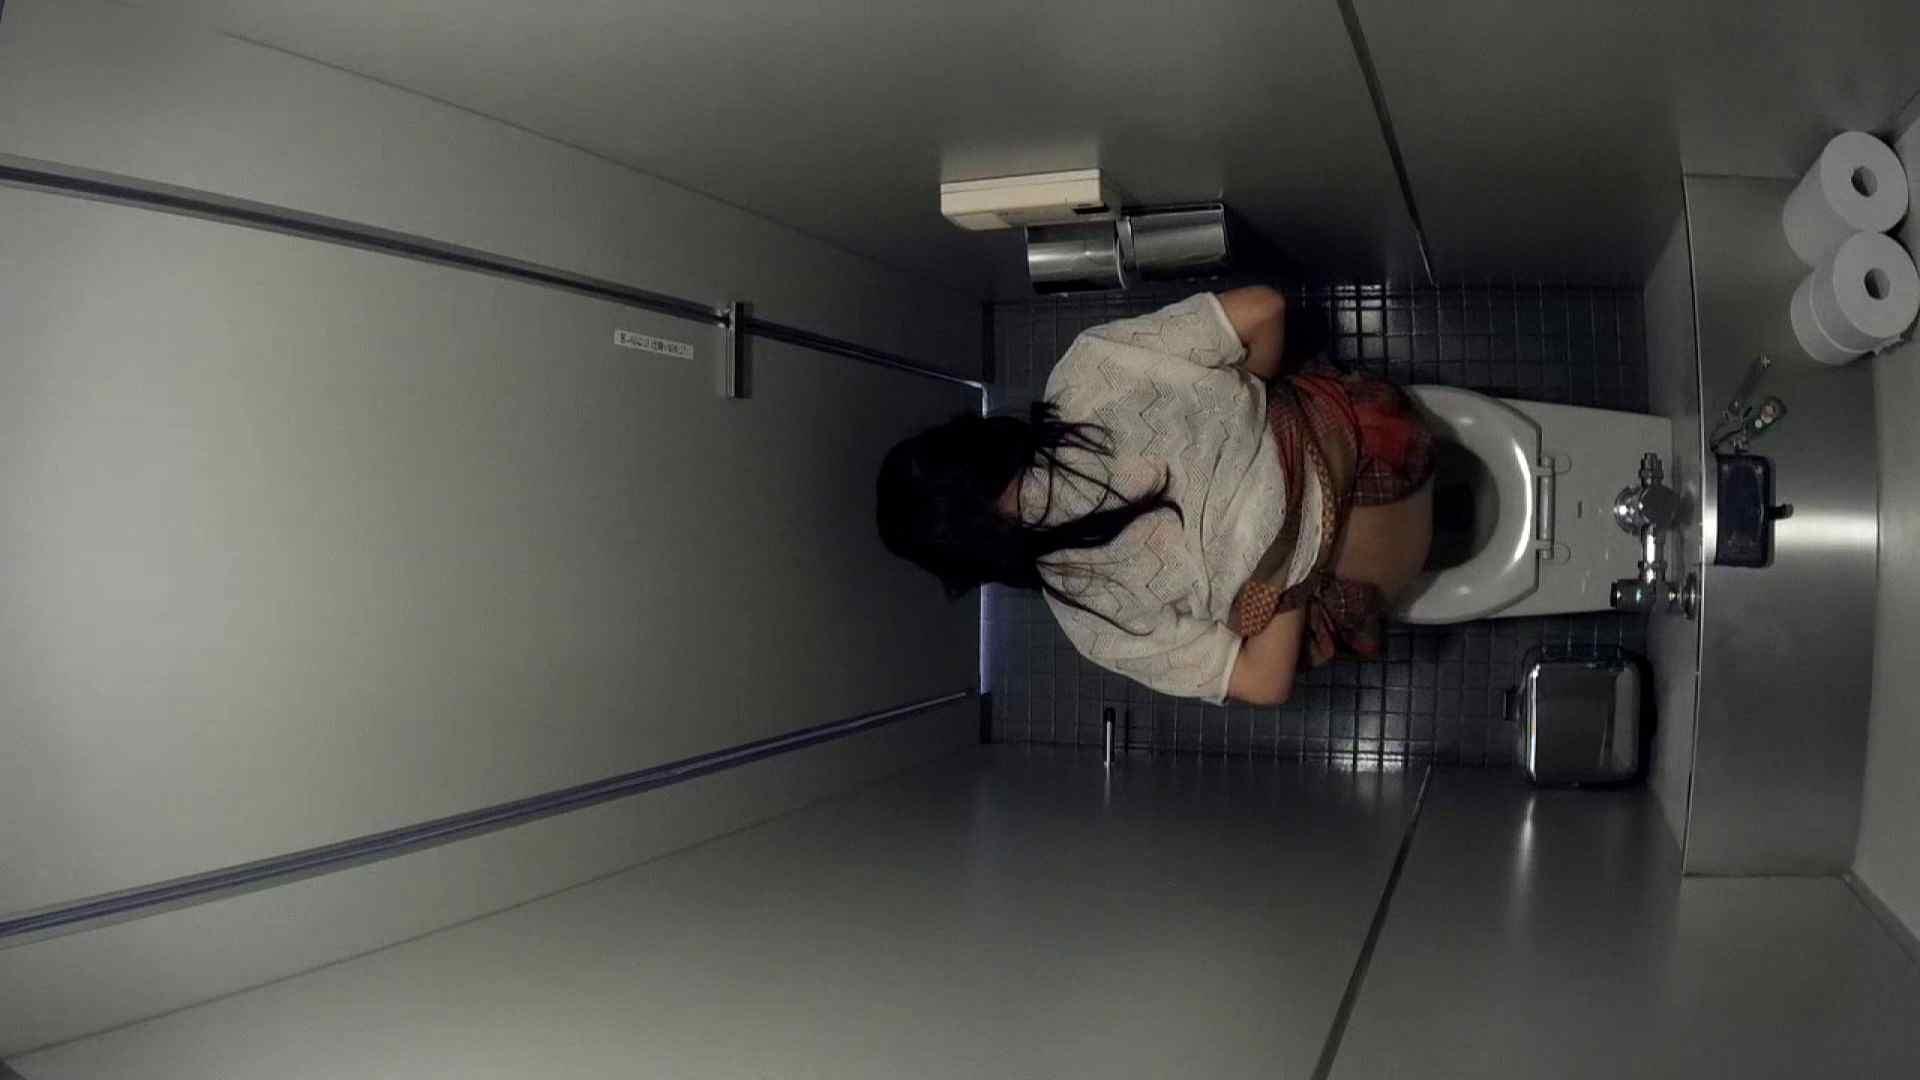 有名大学女性洗面所 vol.45 冴え渡る多方向撮影!職人技です。 OLのプライベート おめこ無修正画像 10pic 2